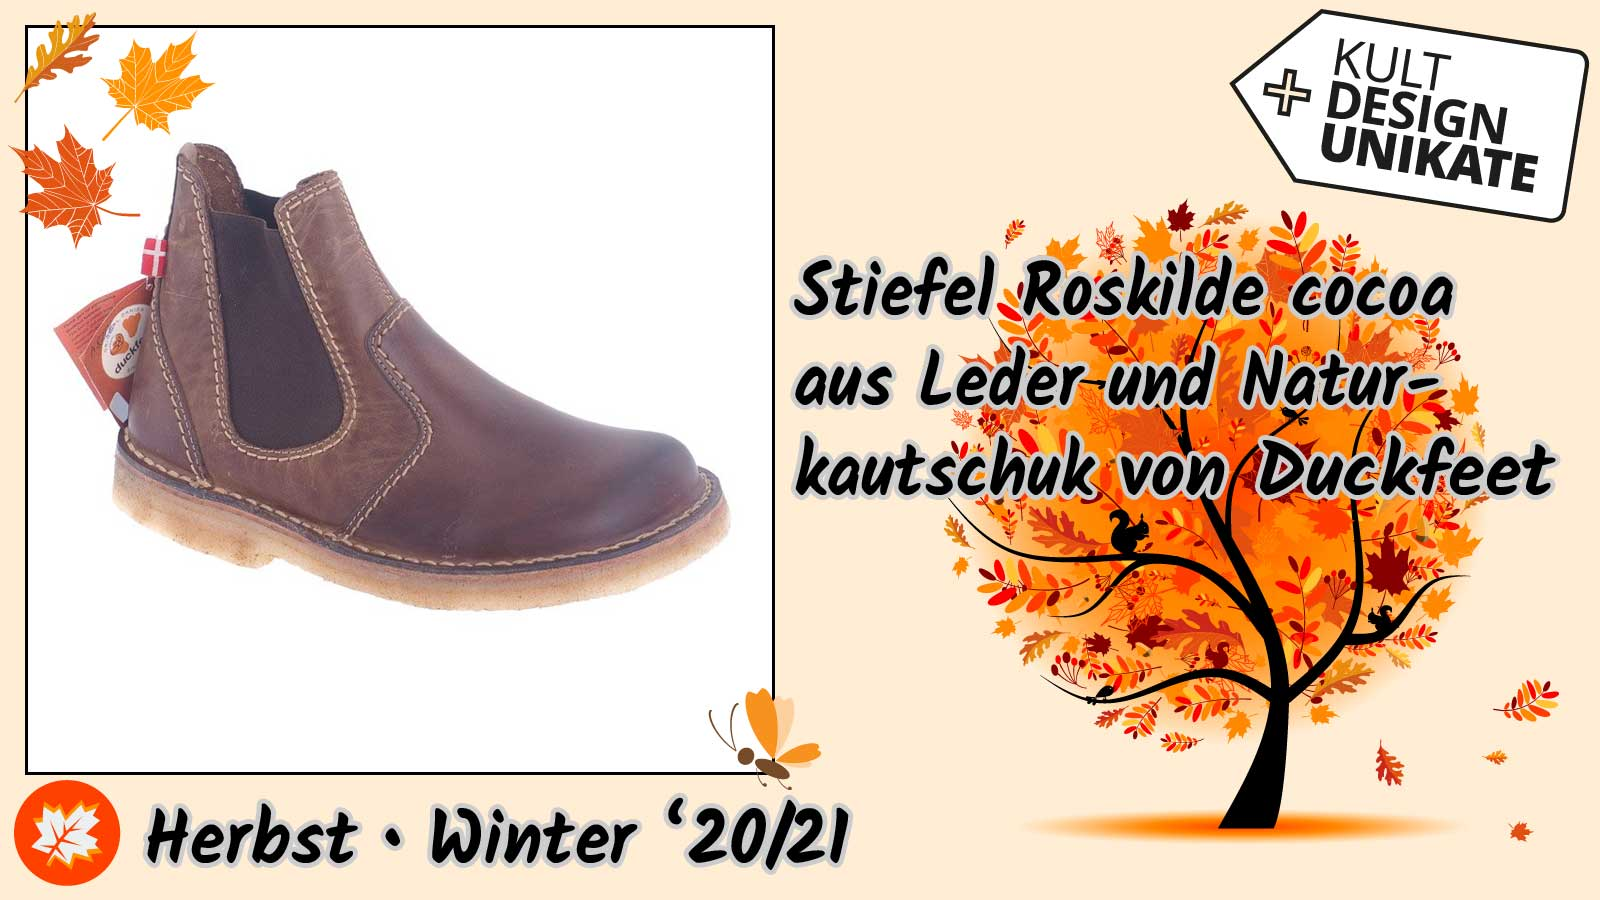 Duckfeet-Stiefel-Roskilde-cocoa